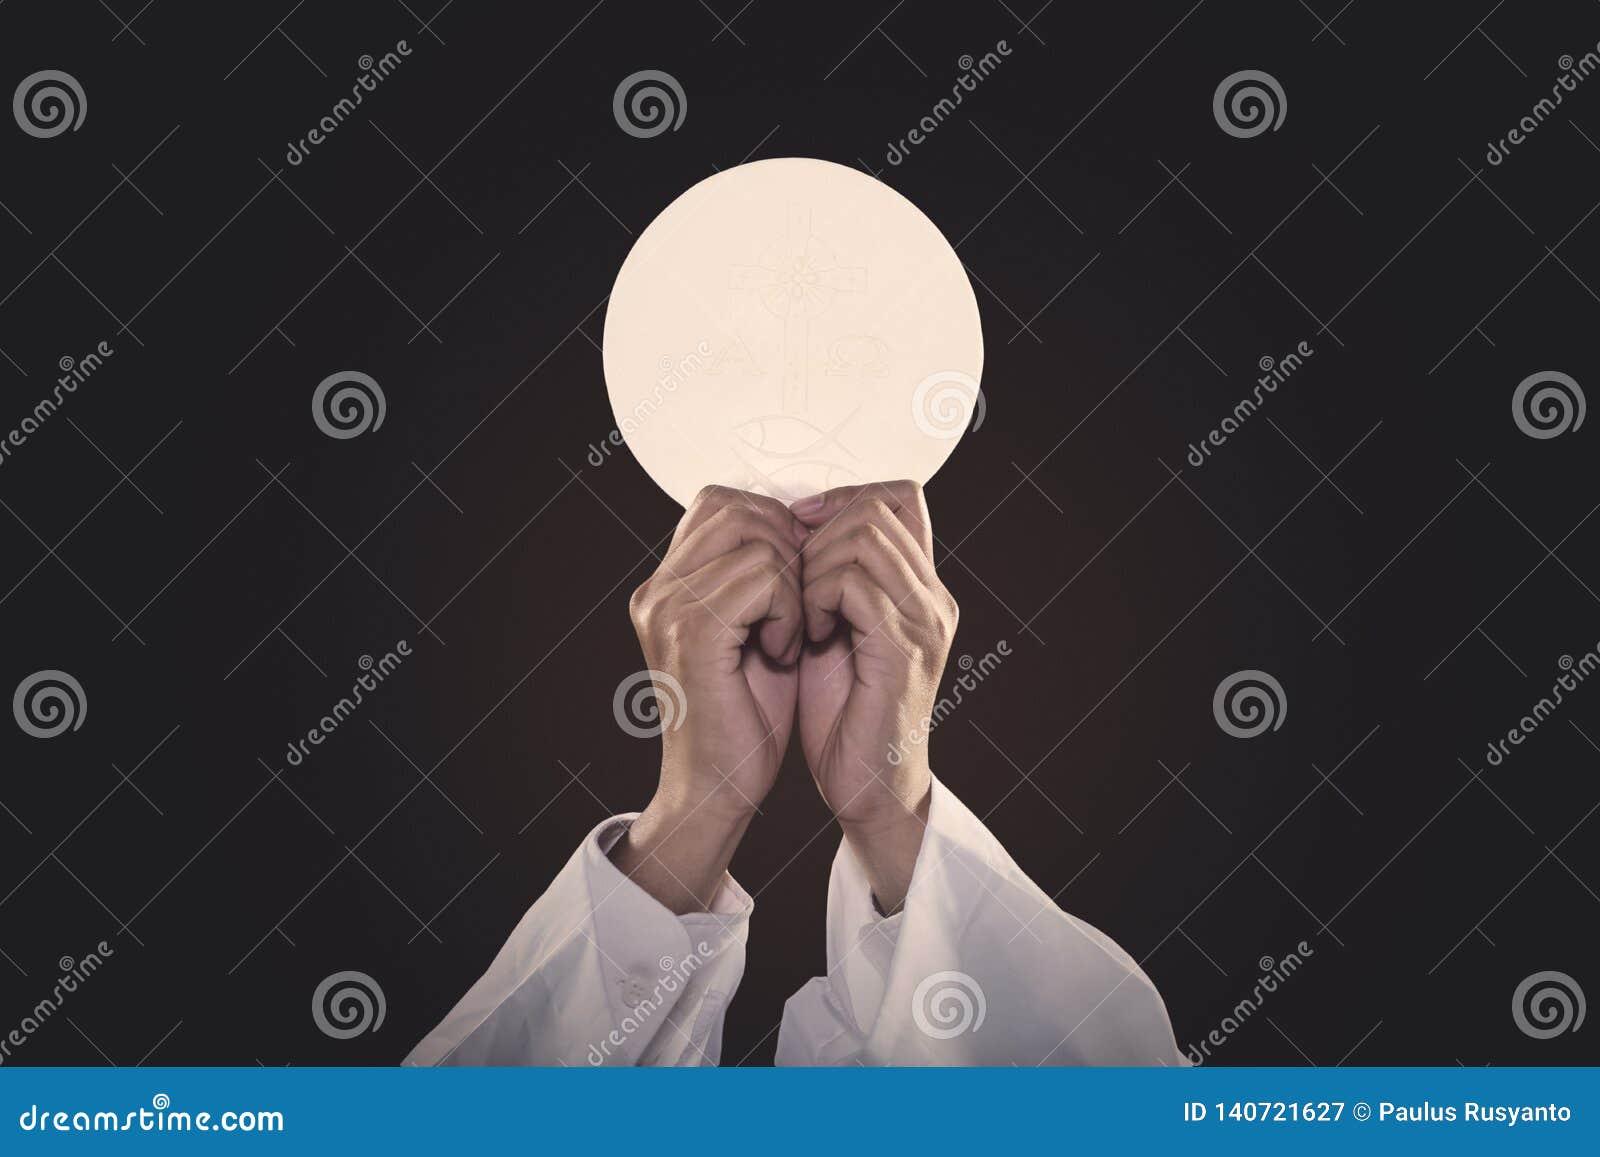 Mains de prêtre soulevant un pain de communion